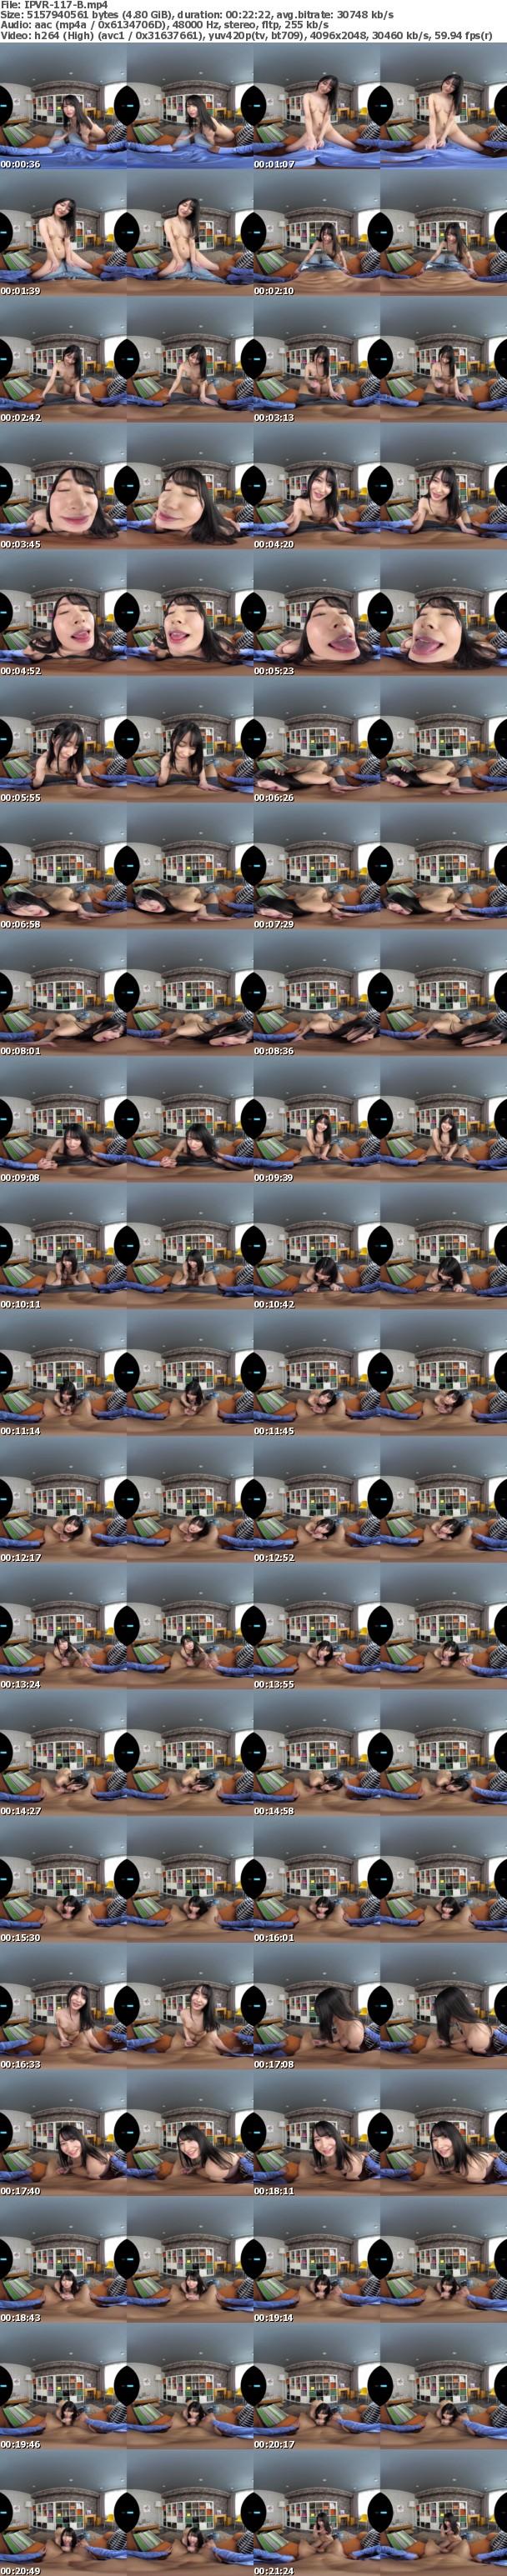 (VR) IPVR-117 FIRST VR IMPRESSION 初VR 王道体位で完全ヴァーチャルSEX!! 藤井いよな